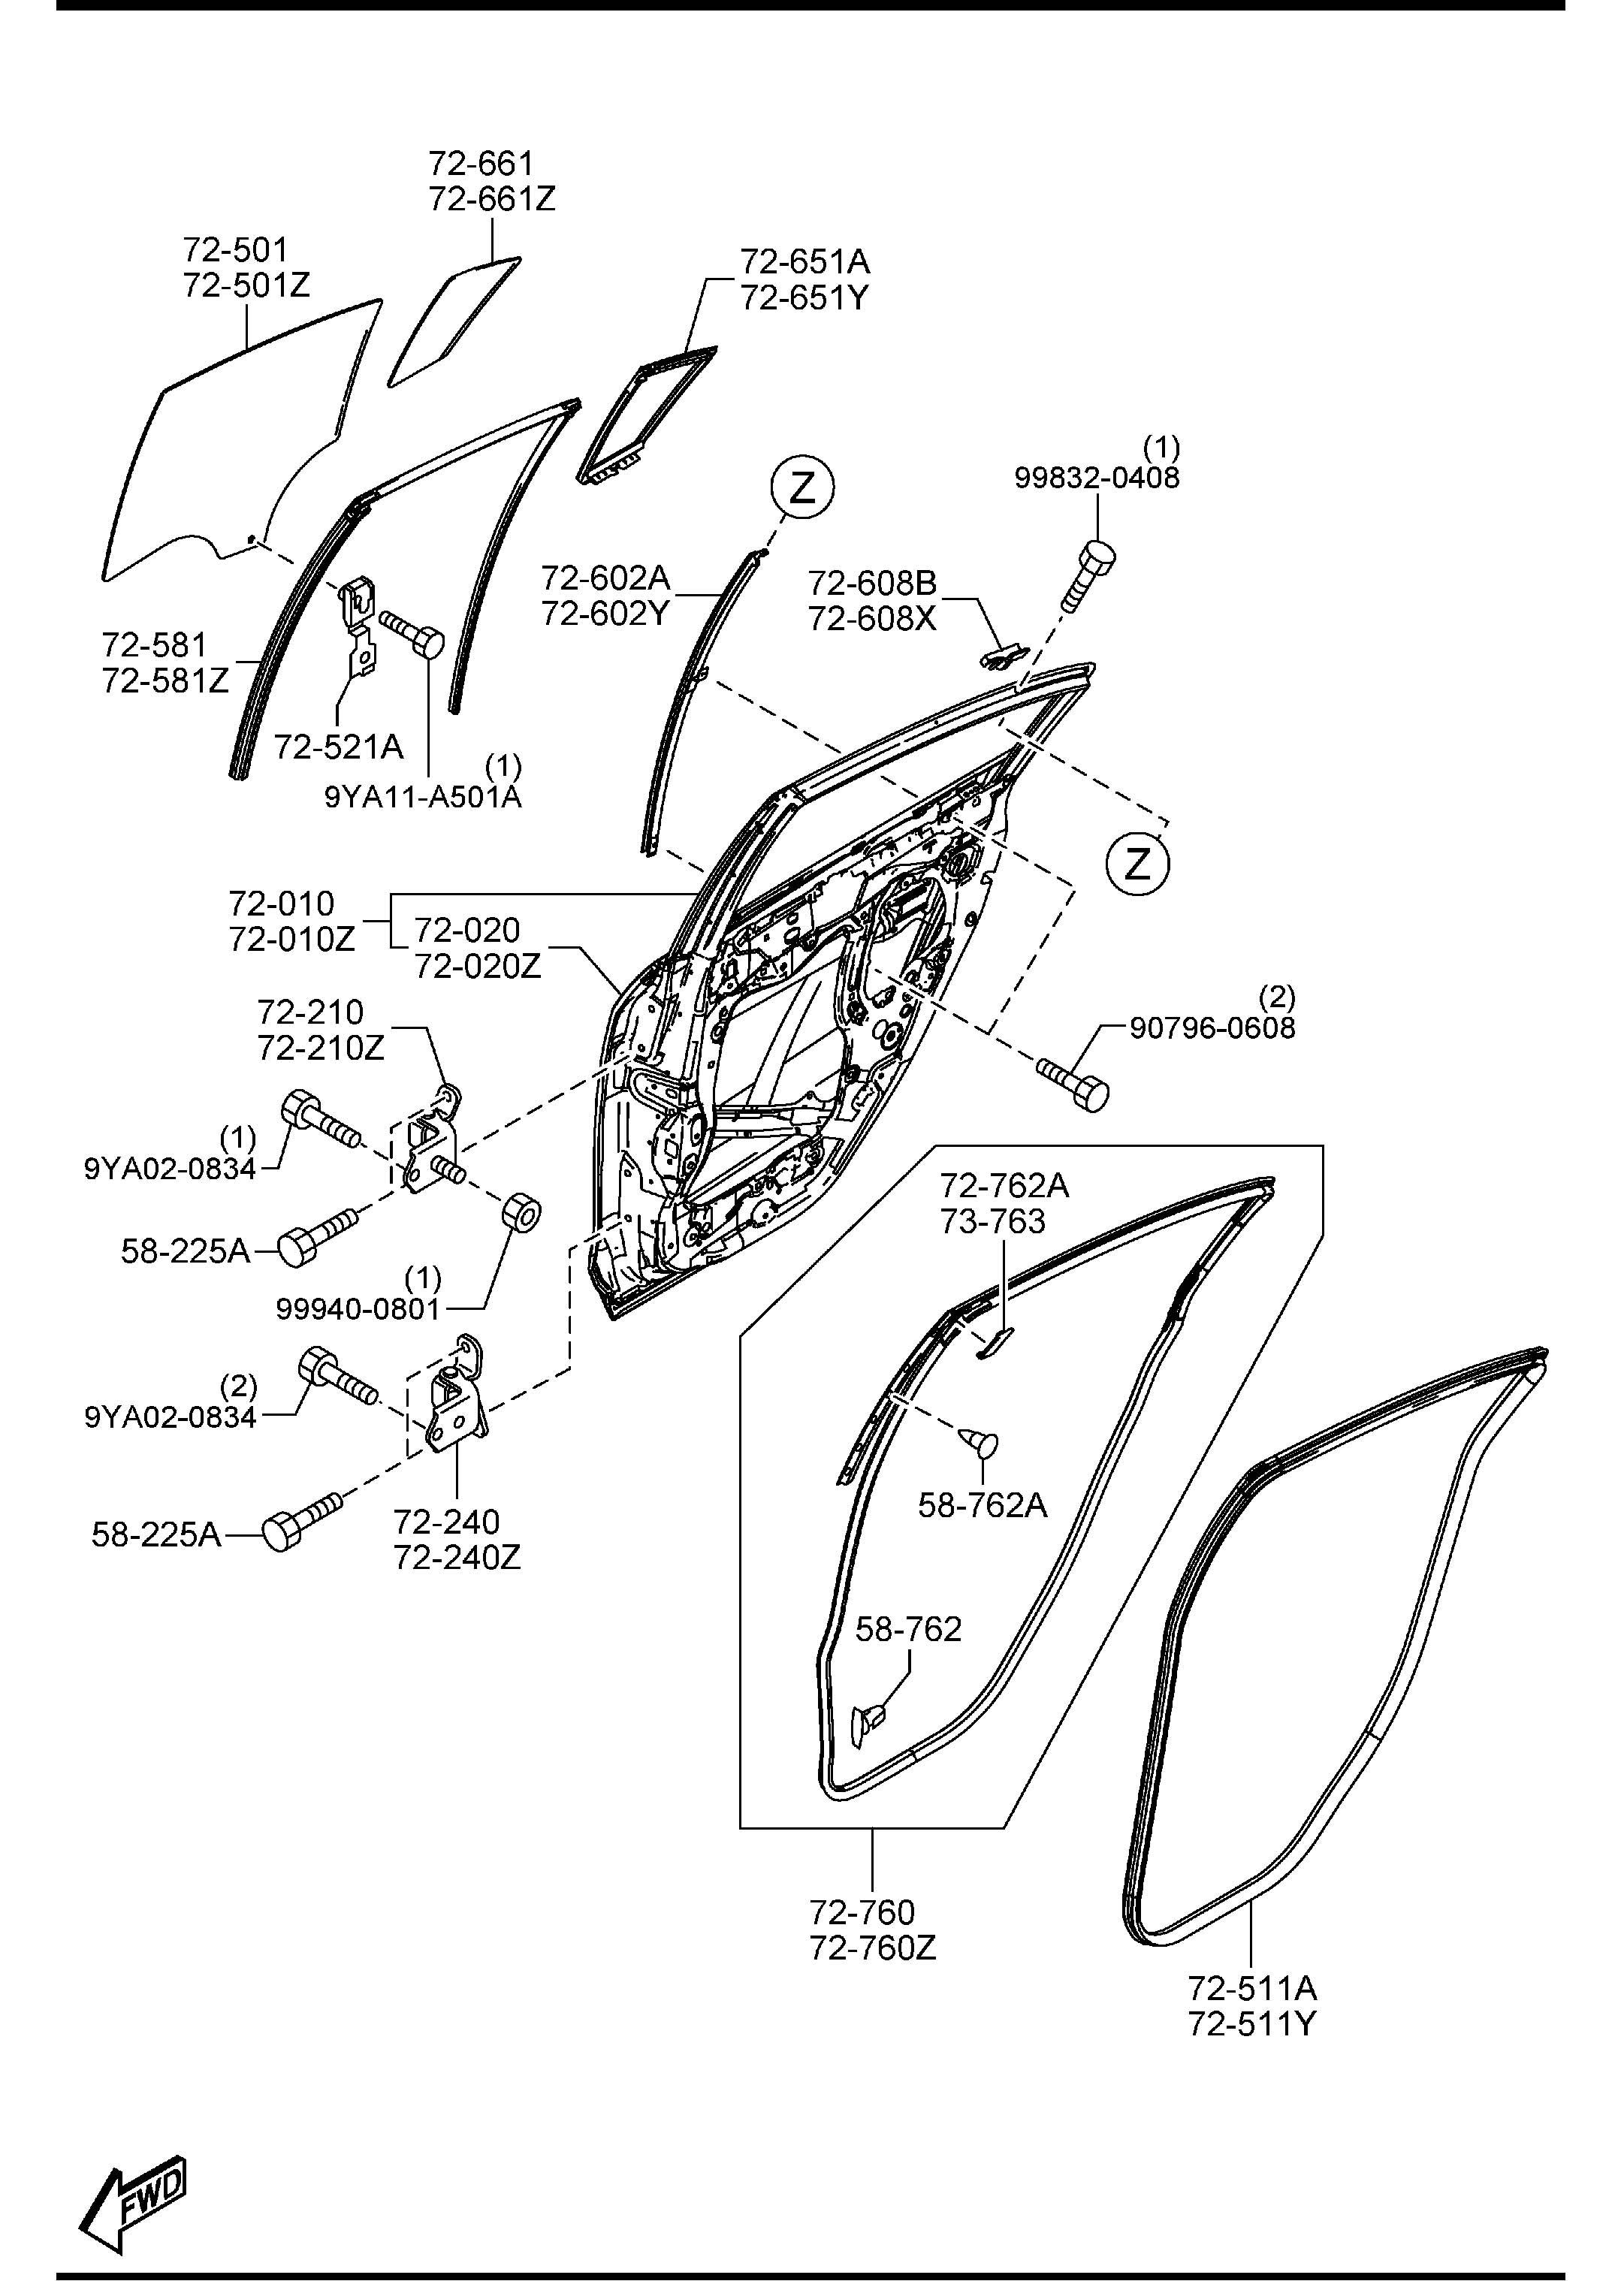 2000 Daewoo Lanos Timing Diagram on Internal Bustion Engine